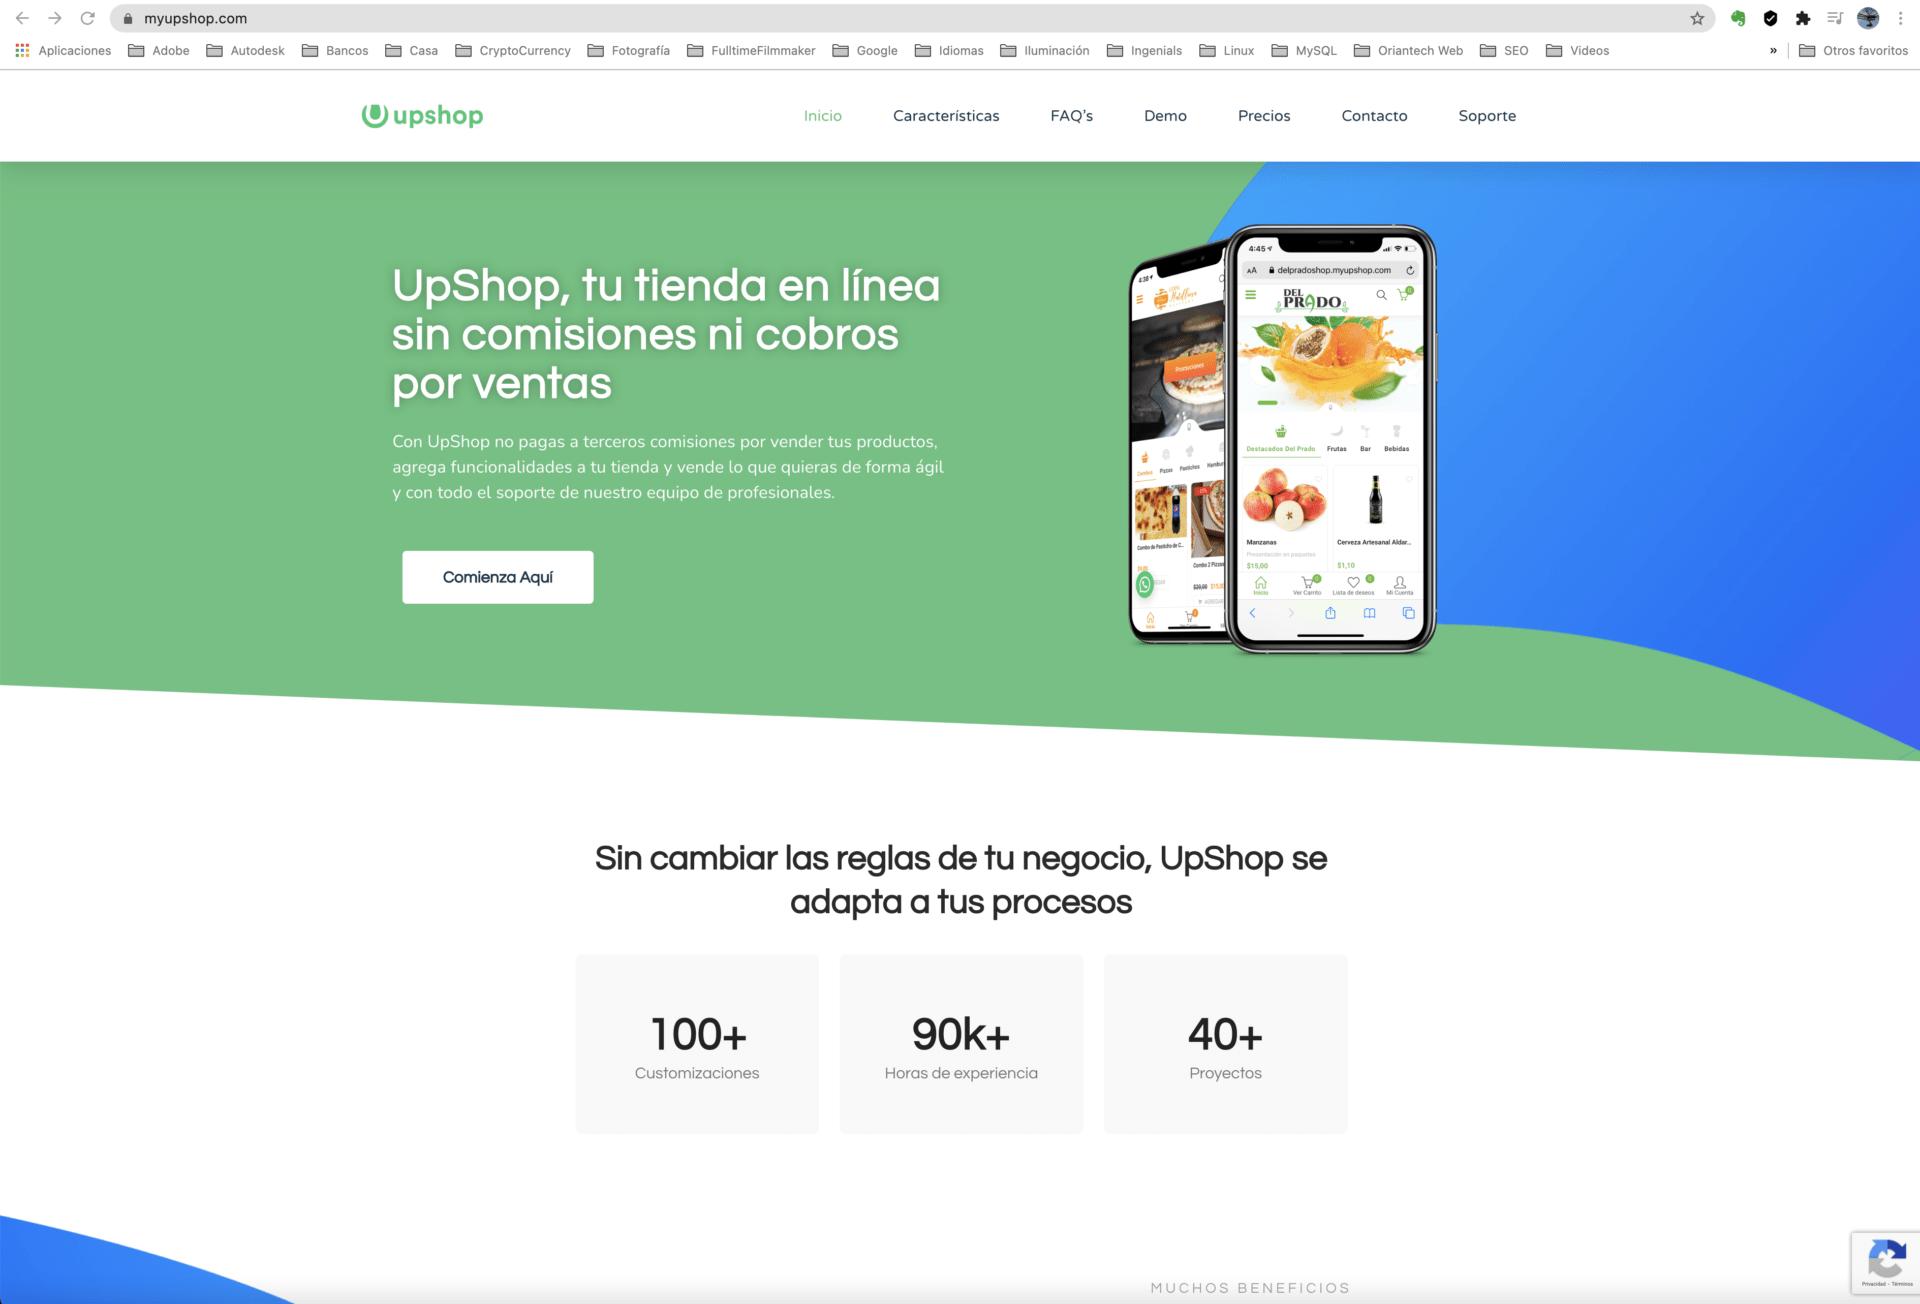 Oriantech-myupshop-ecommerce